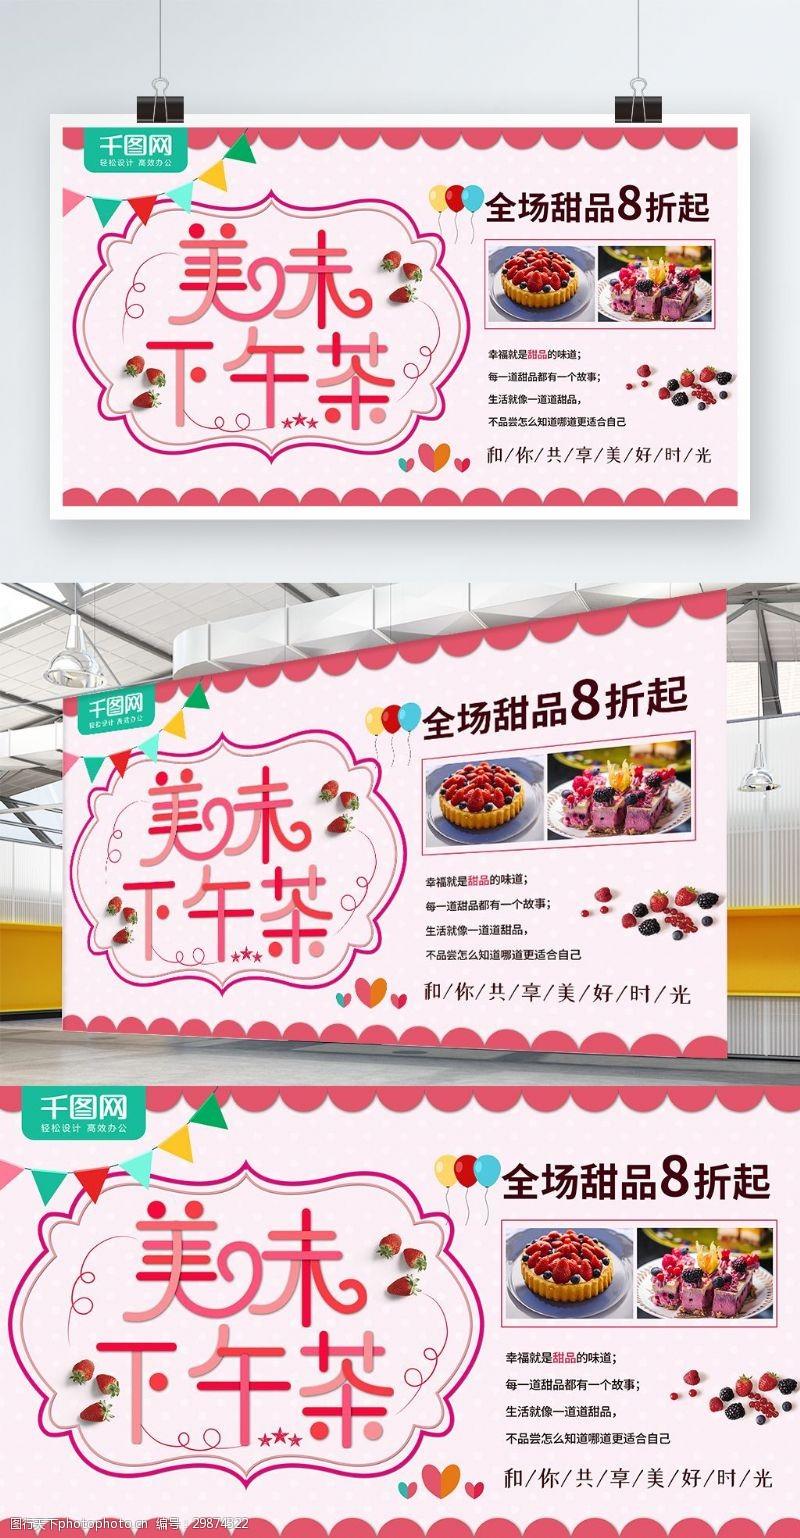 多彩疊加字美味下午茶甜品店促銷展板